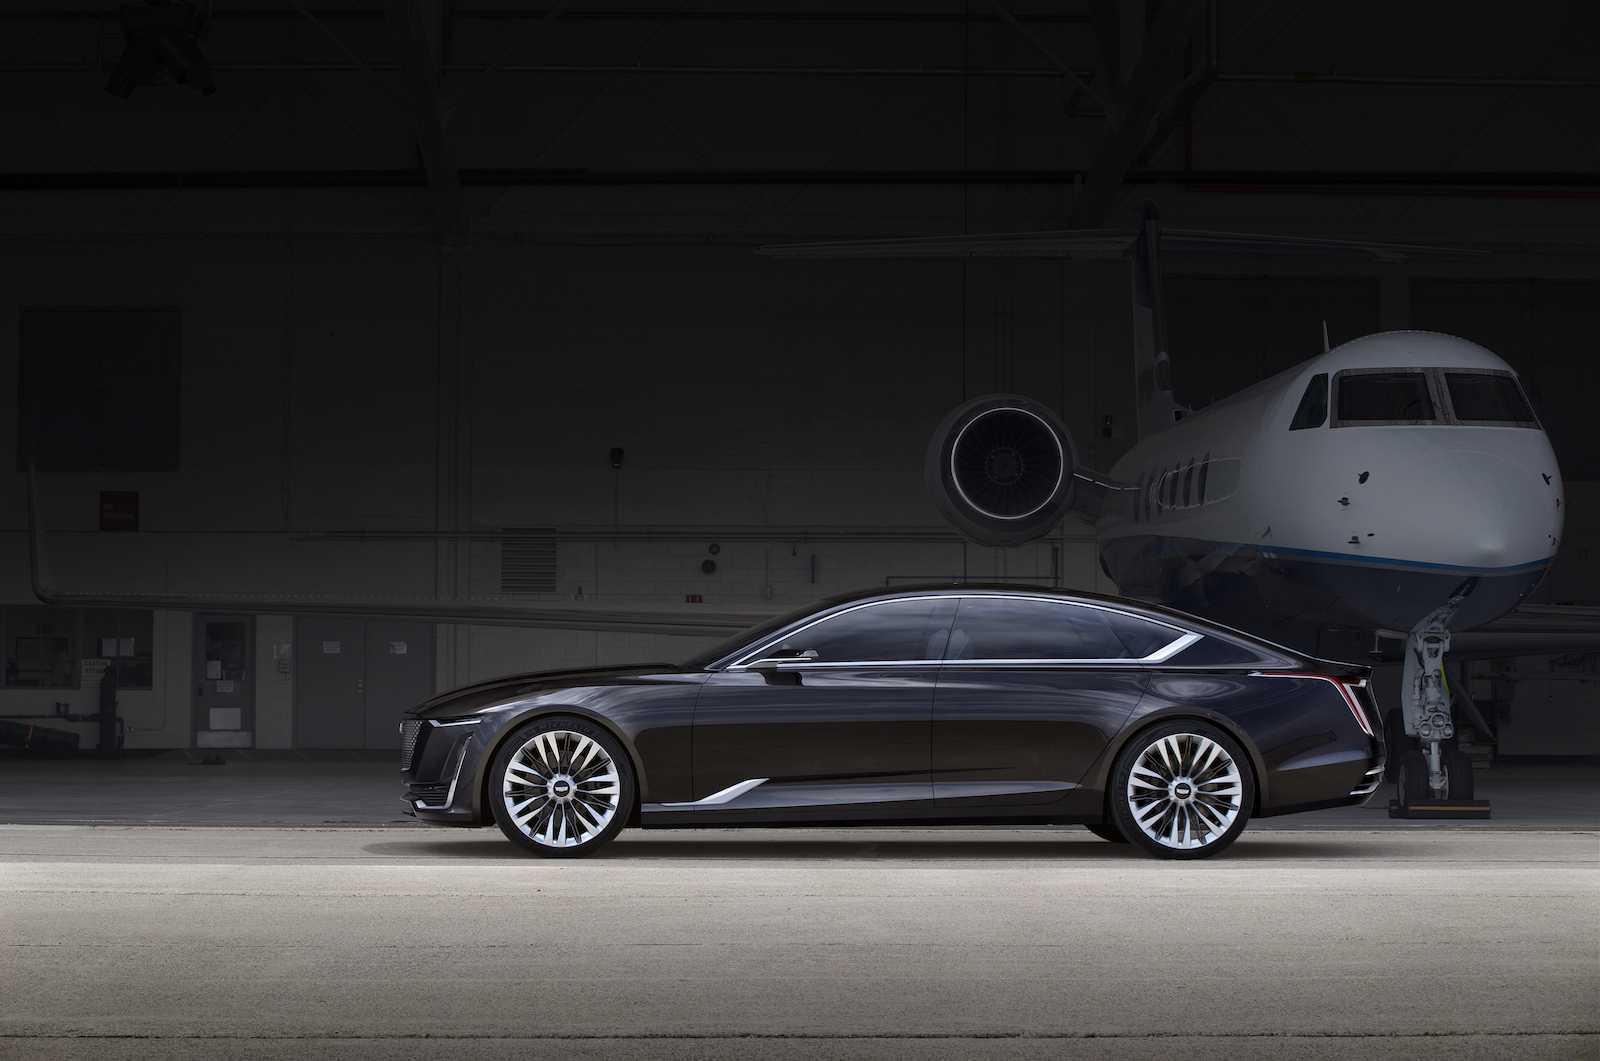 2016-Cadillac-Escala-Concept-Exterior-009